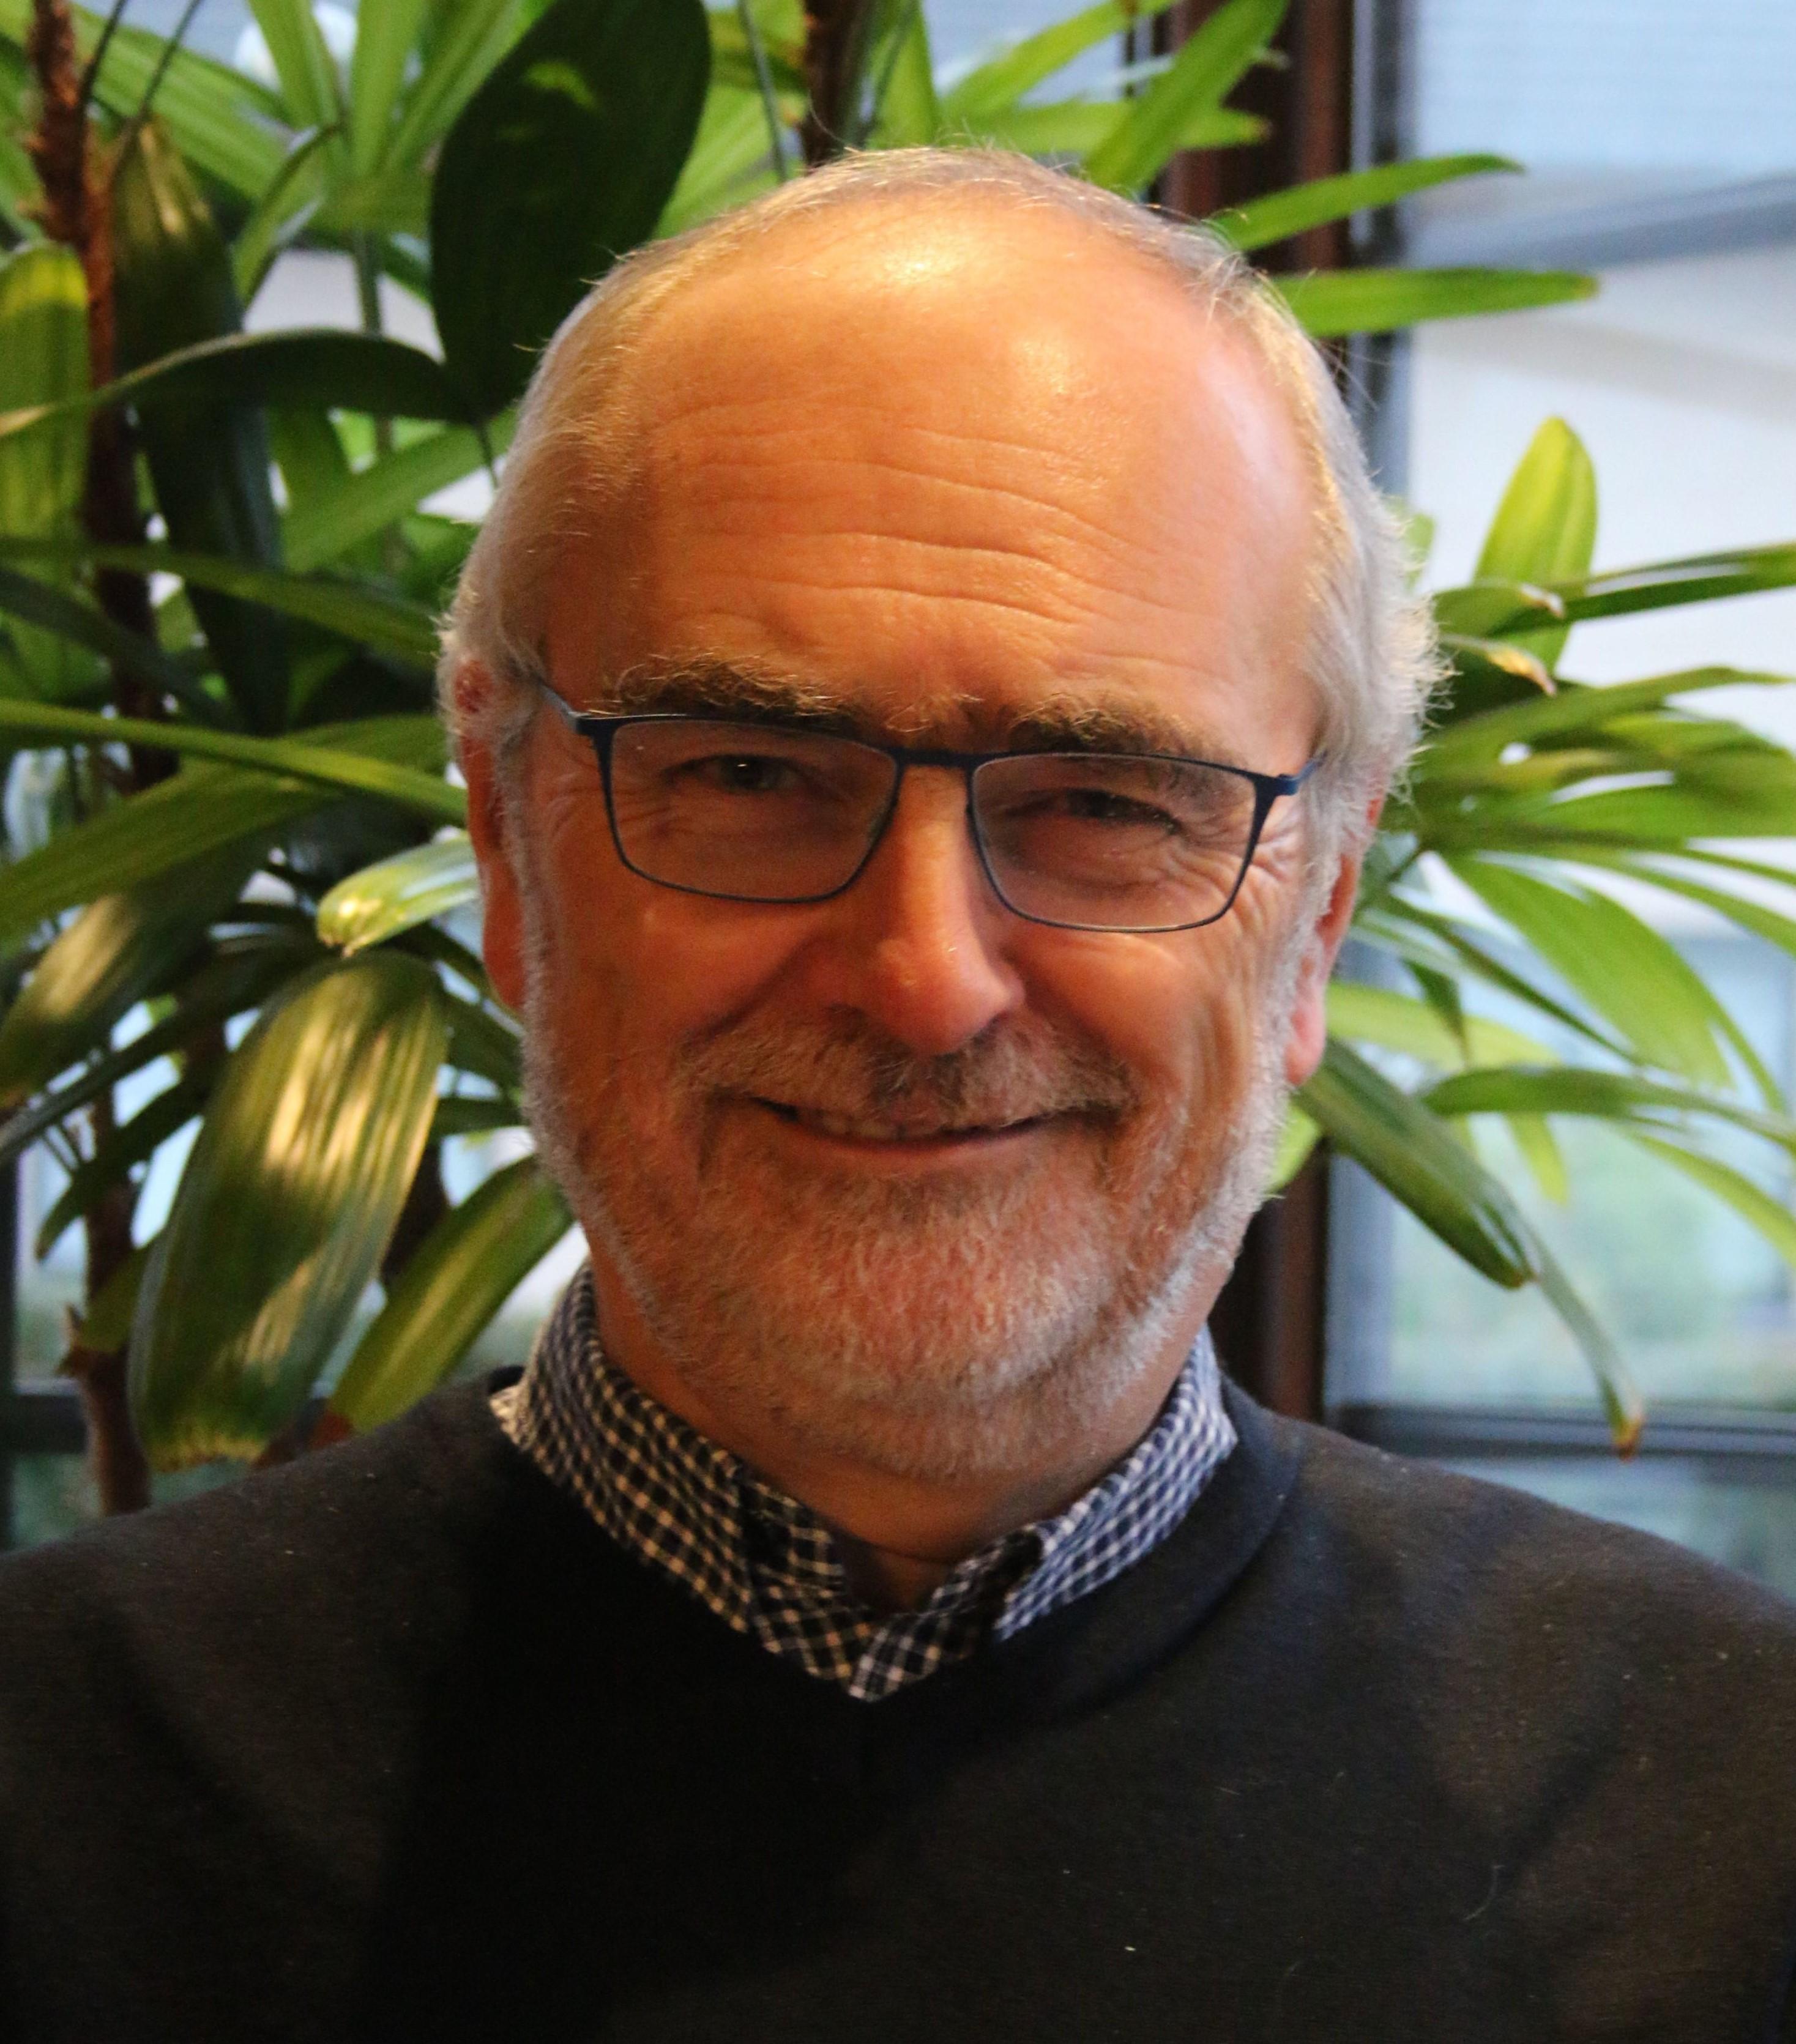 Karel Goossens